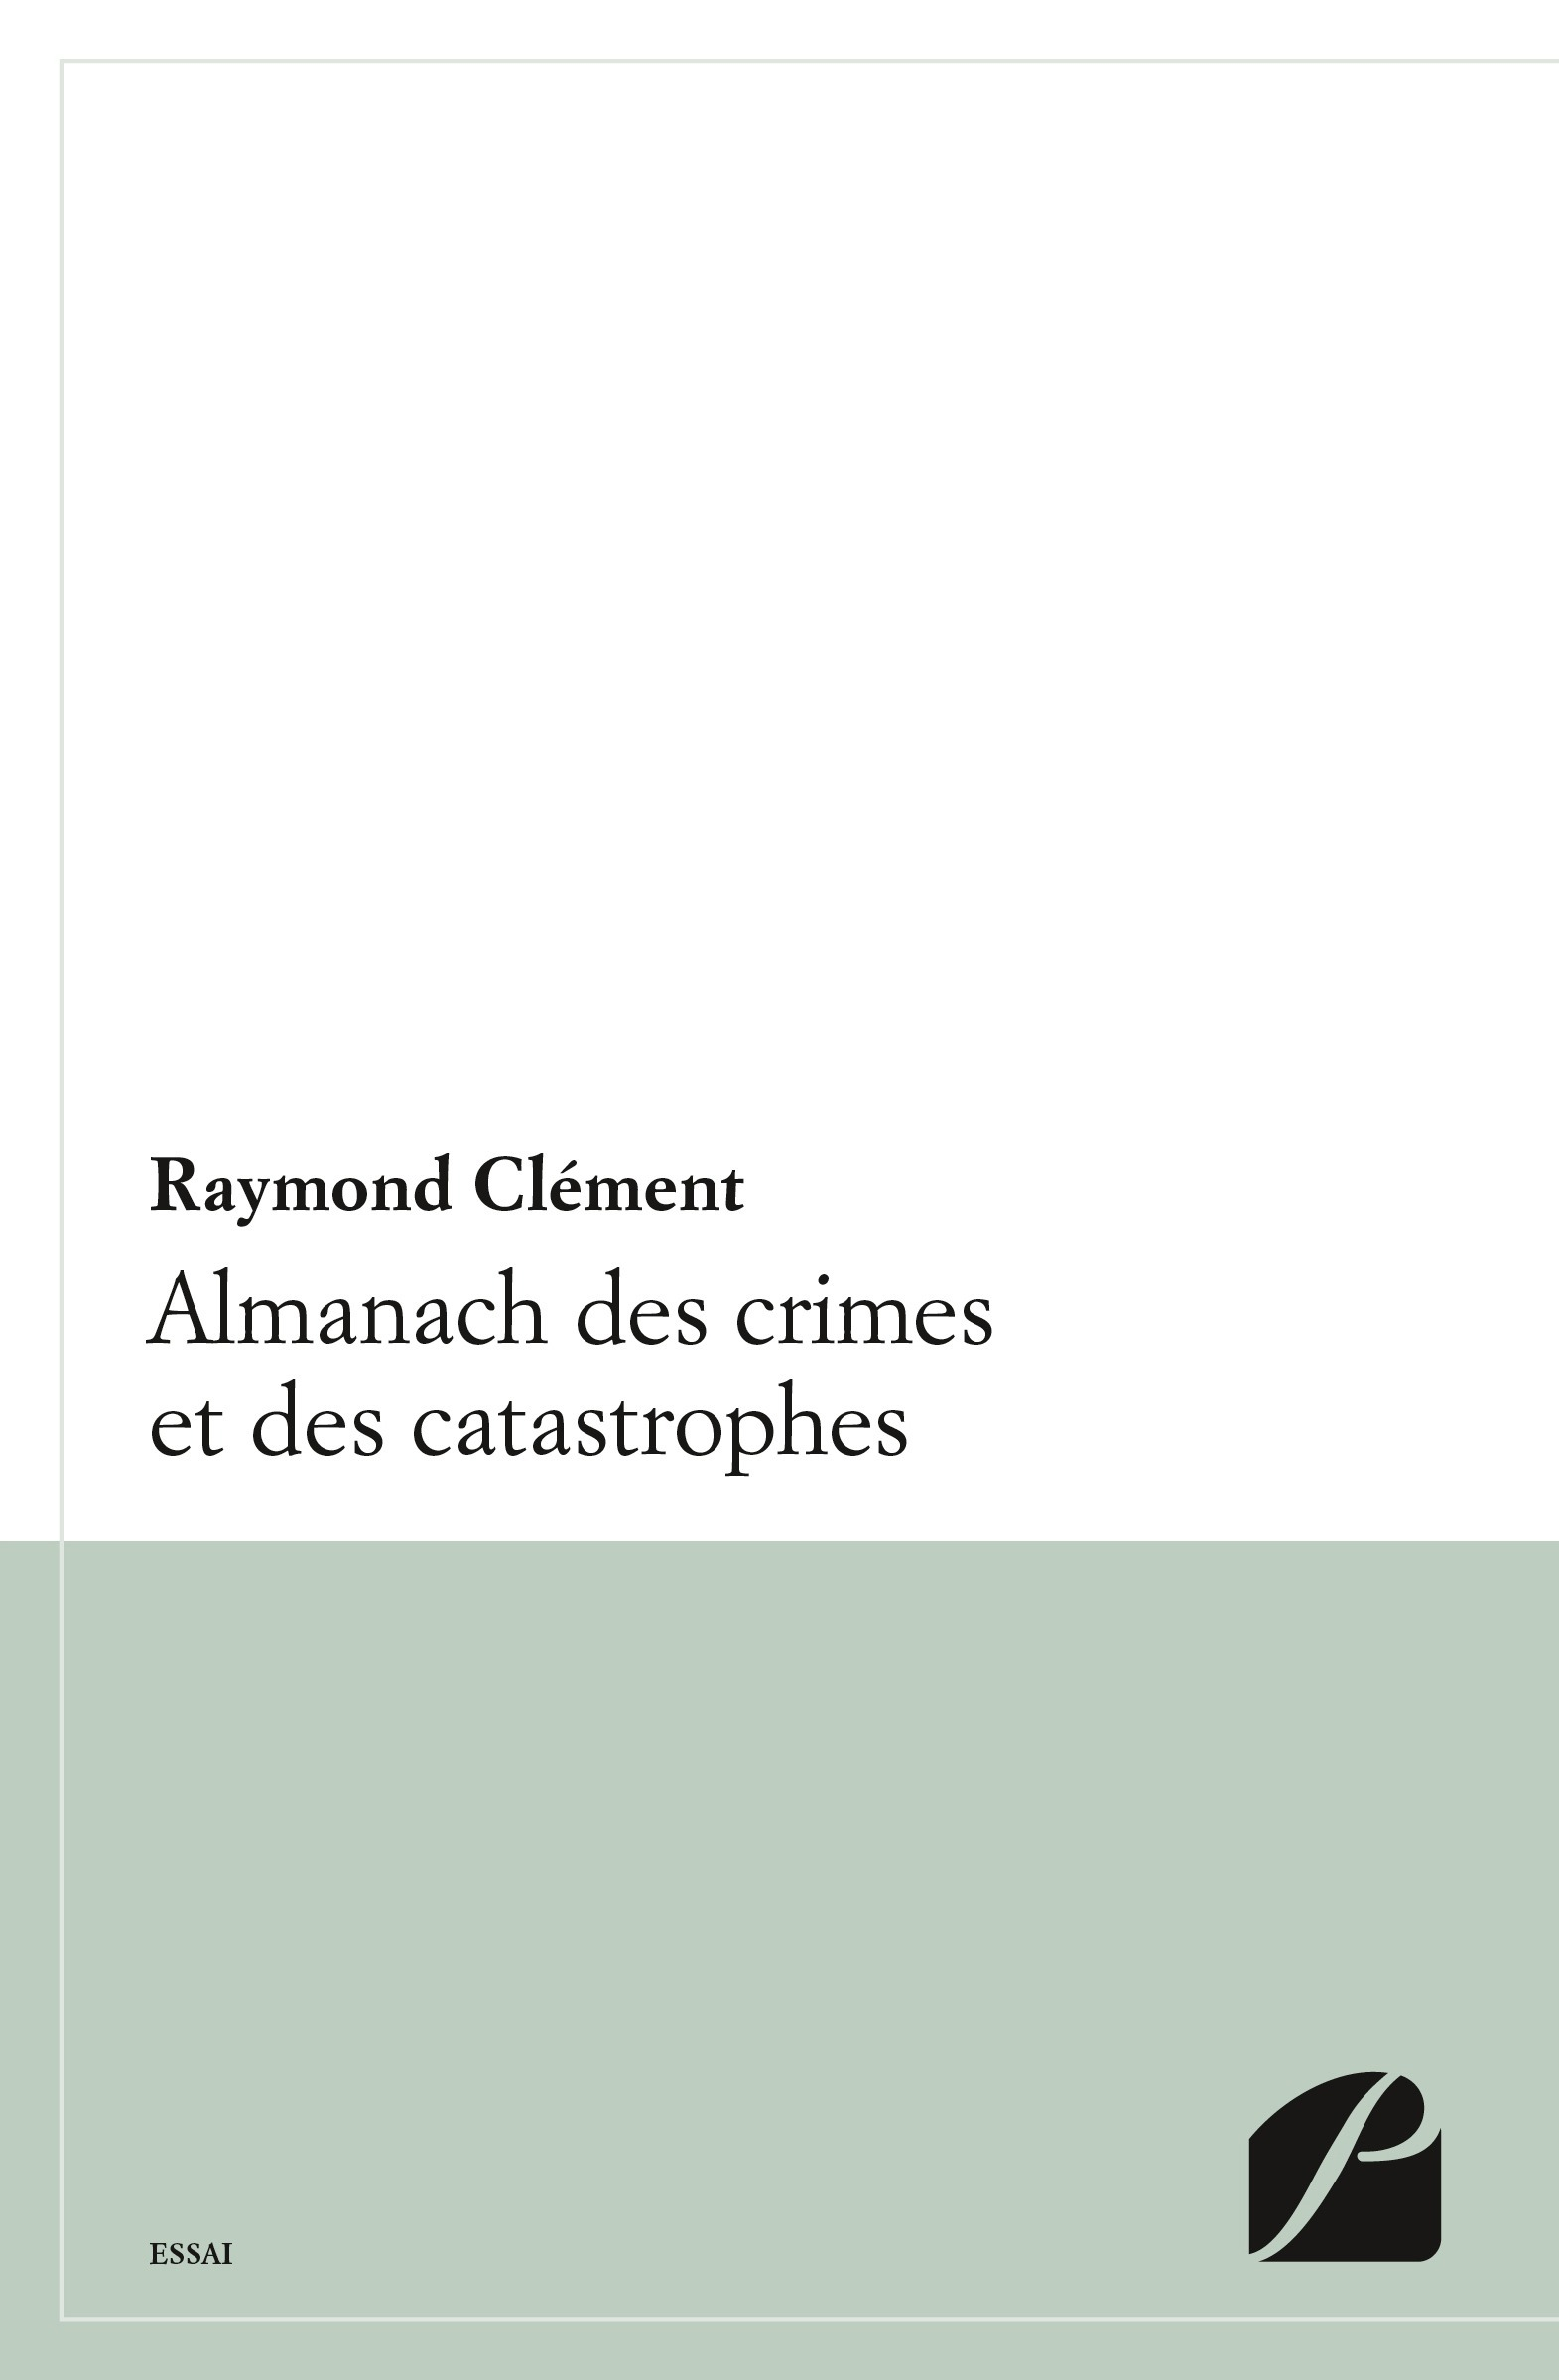 Almanach des crimes et catastrophes